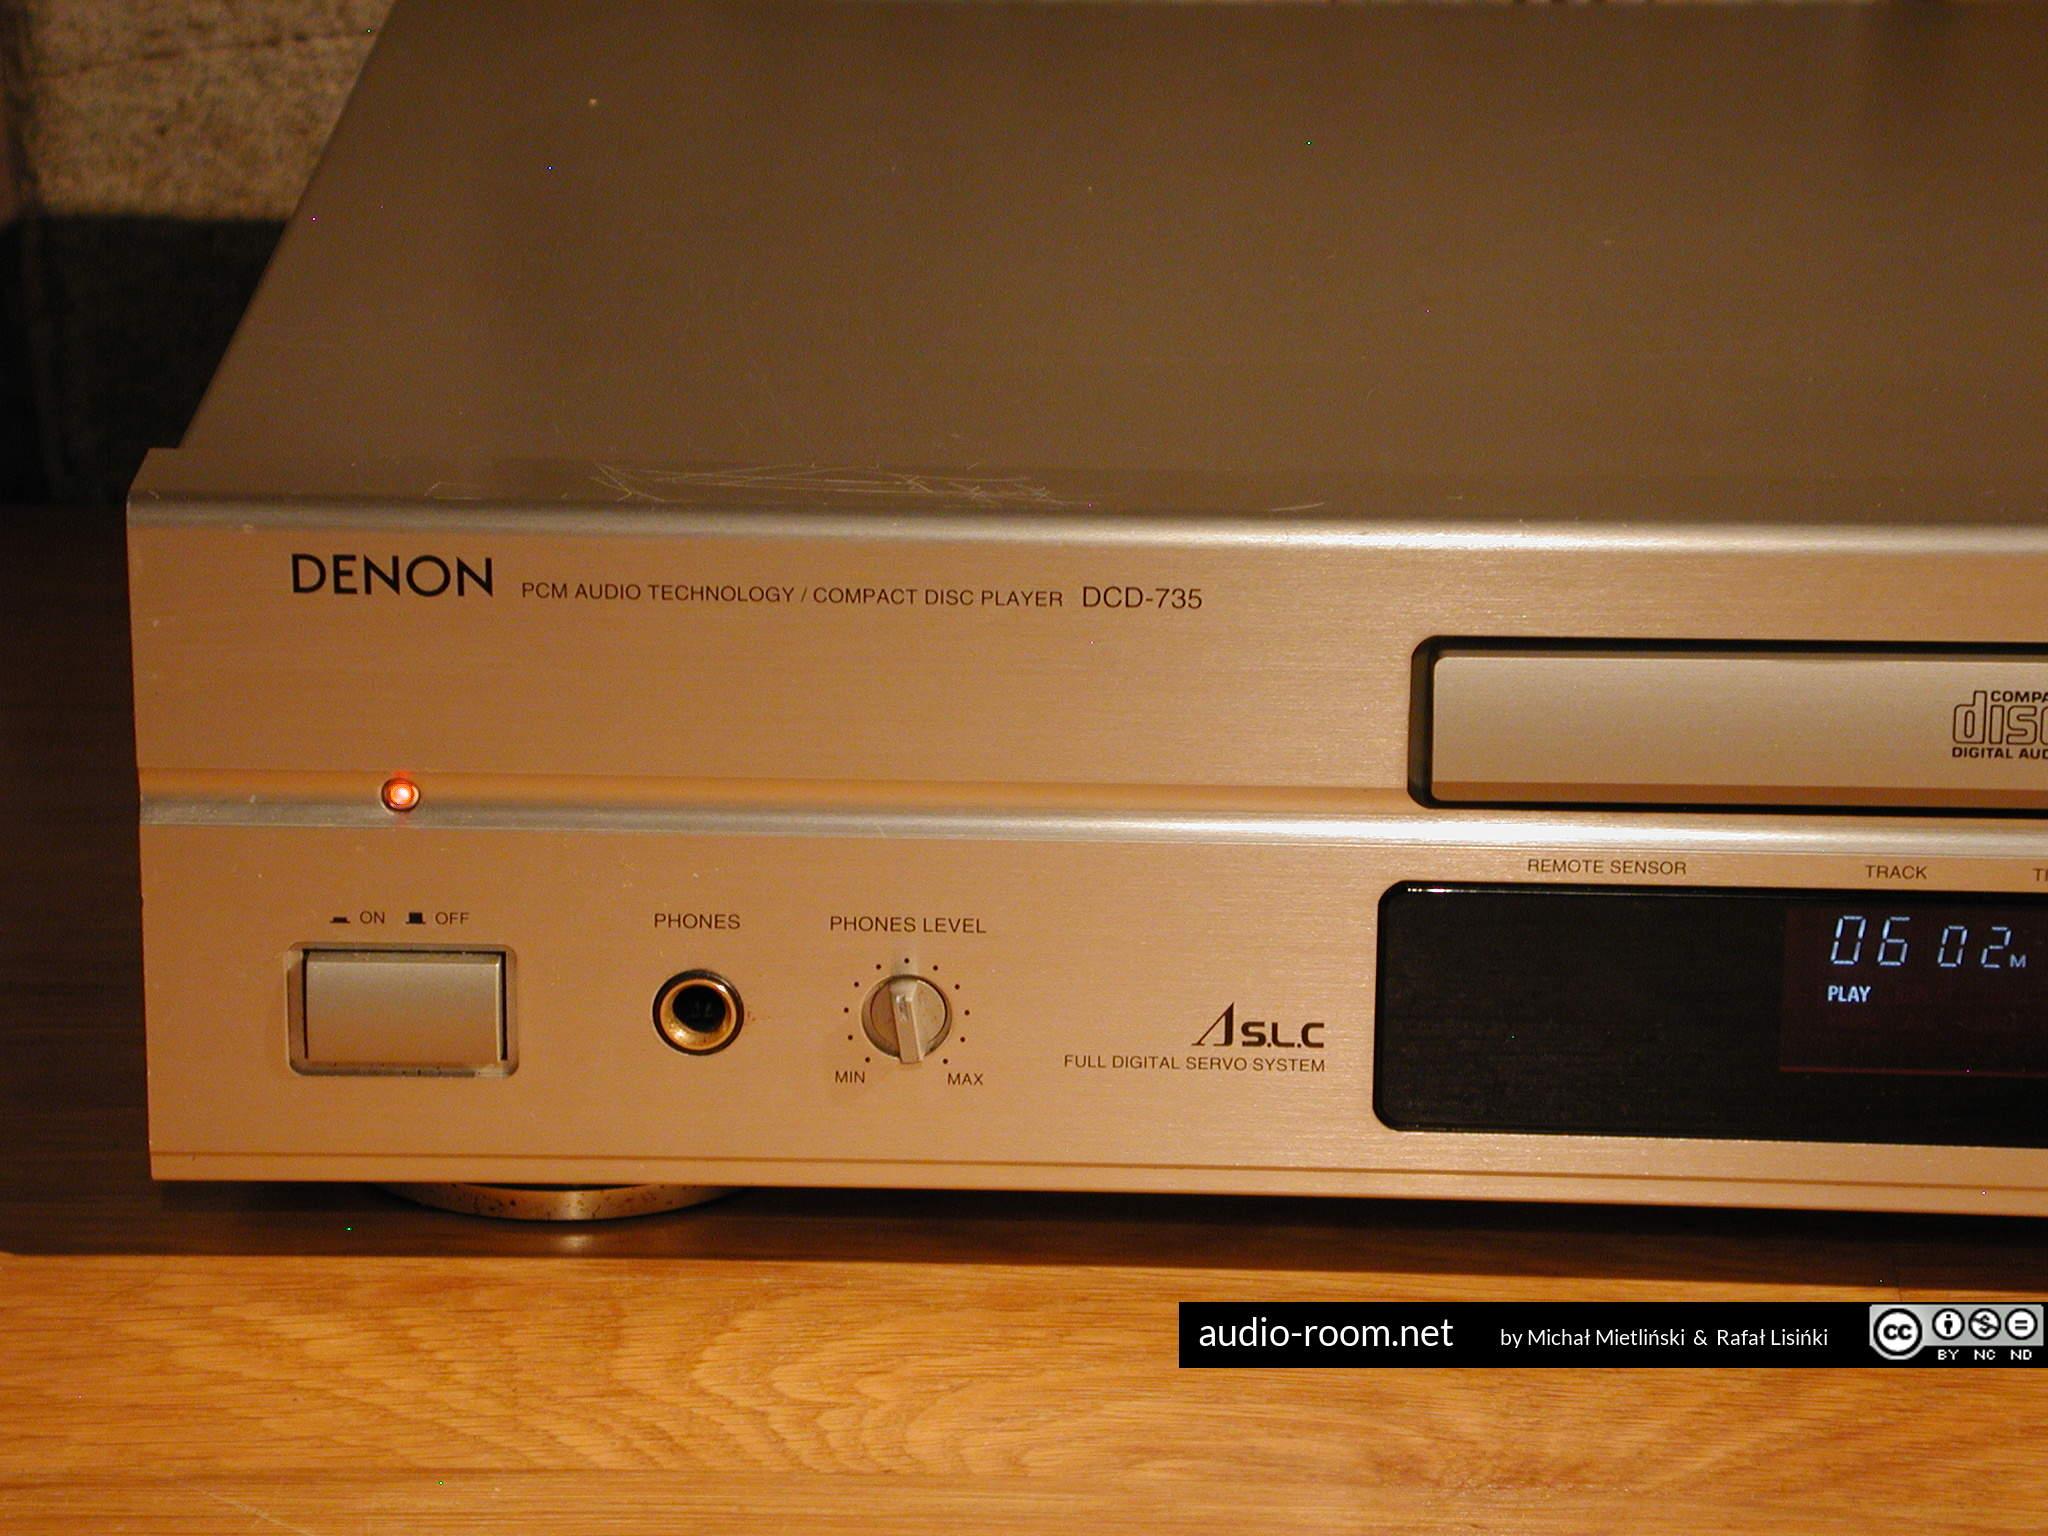 DENON DCD-735